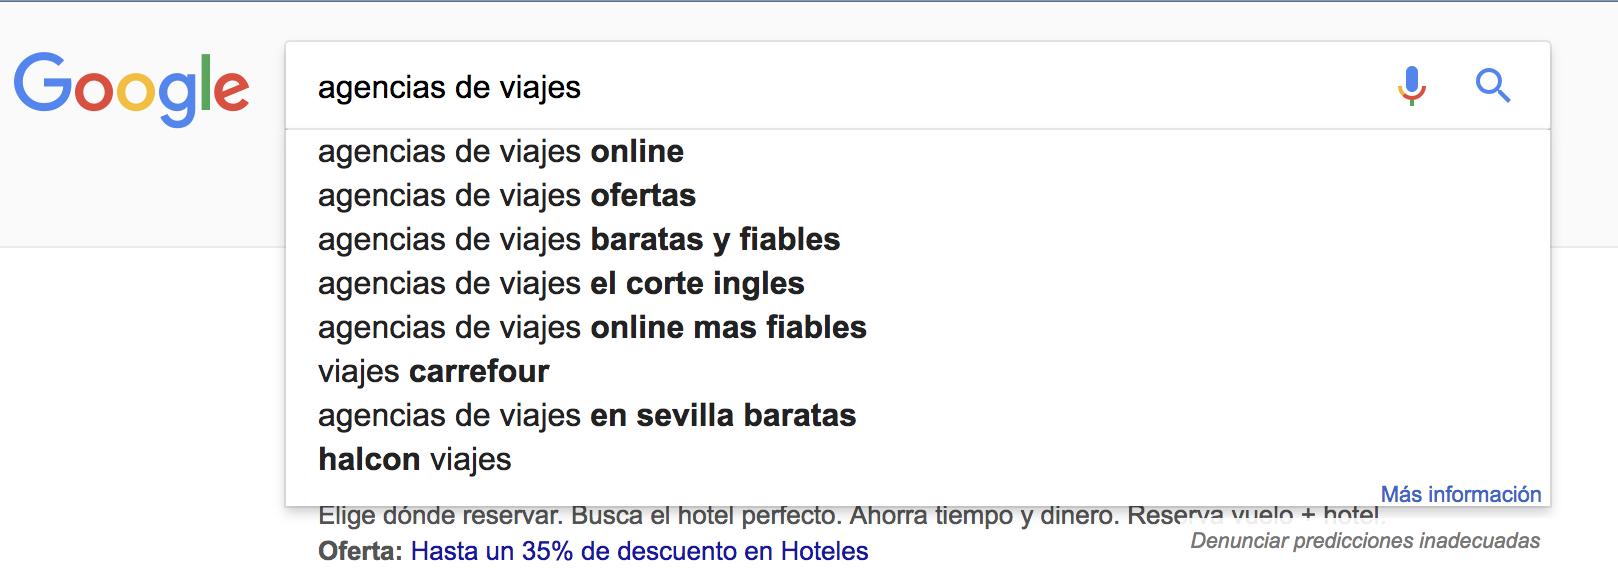 """SEO para agencias de viajes - Sugerencias de búsquedas sobre """"agencias de viajes"""" en España"""